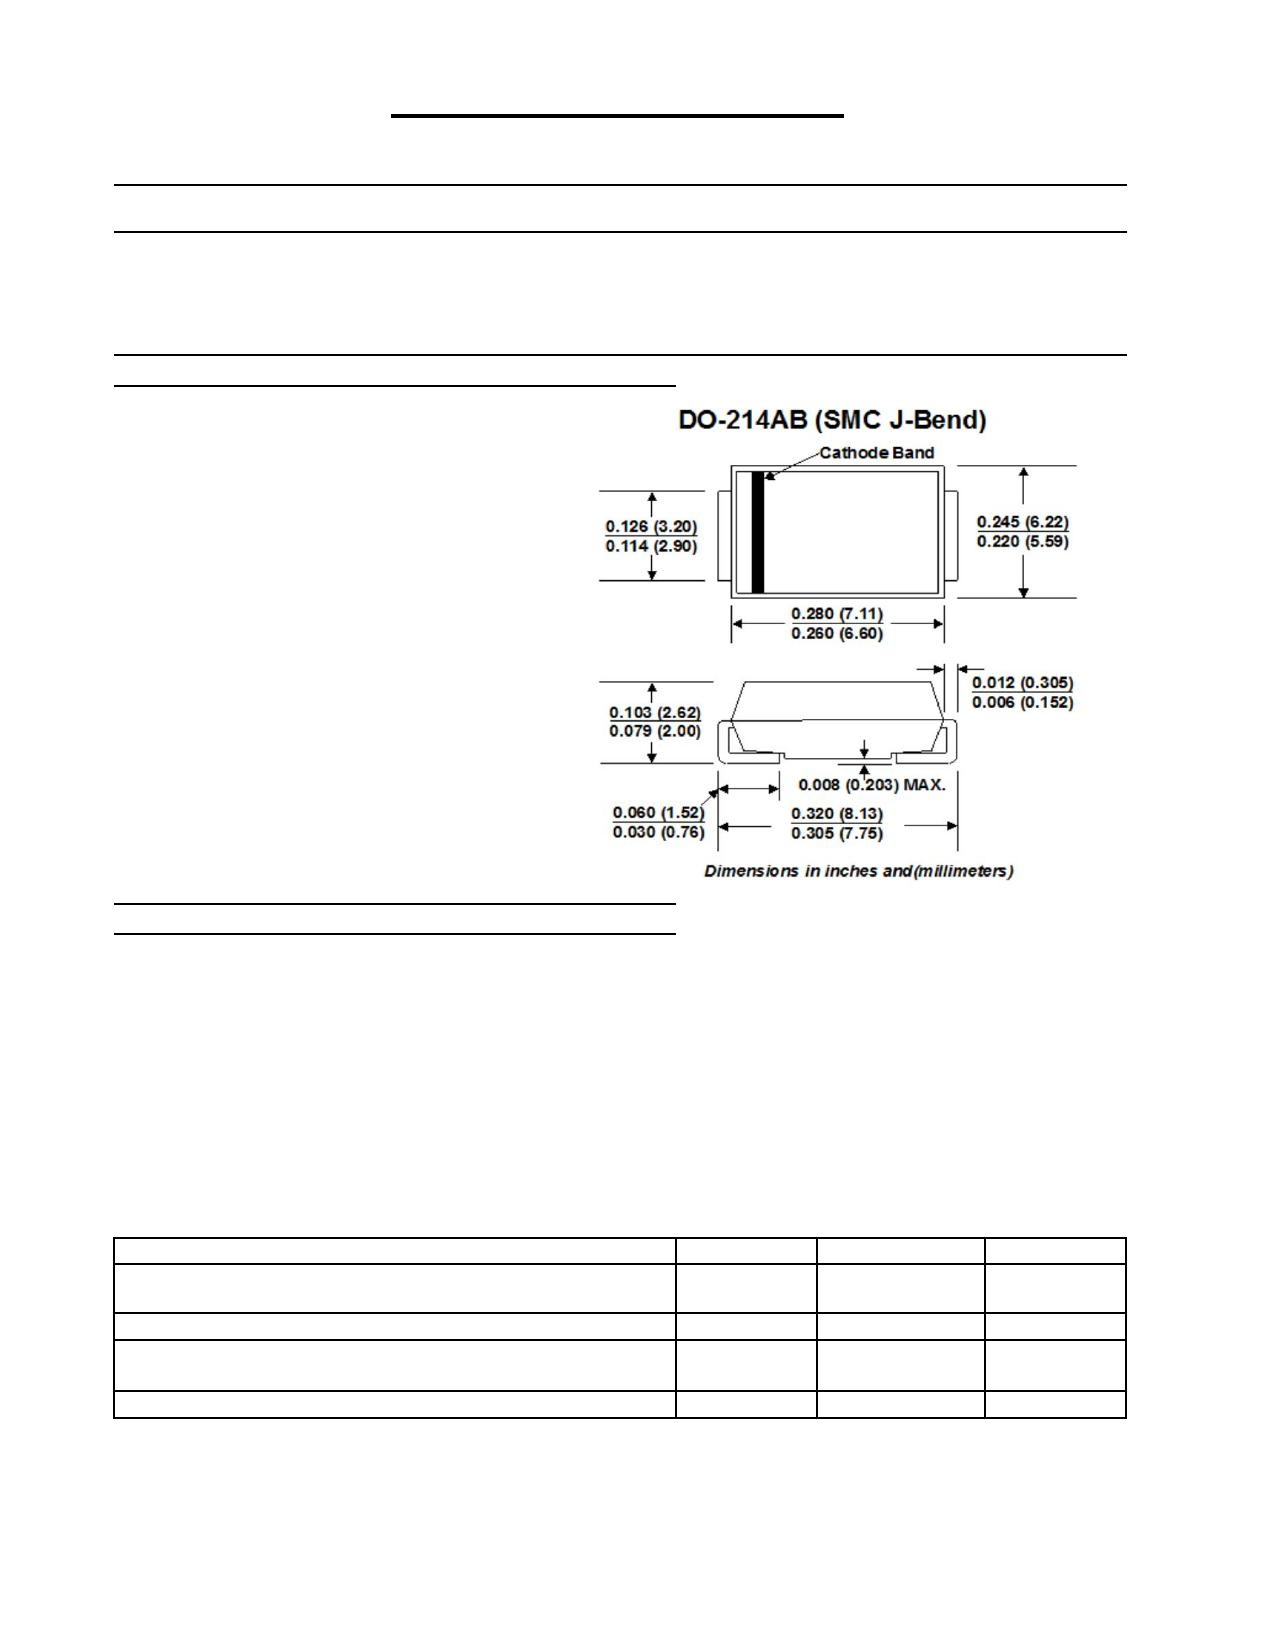 5.0SMLJ150A datasheet